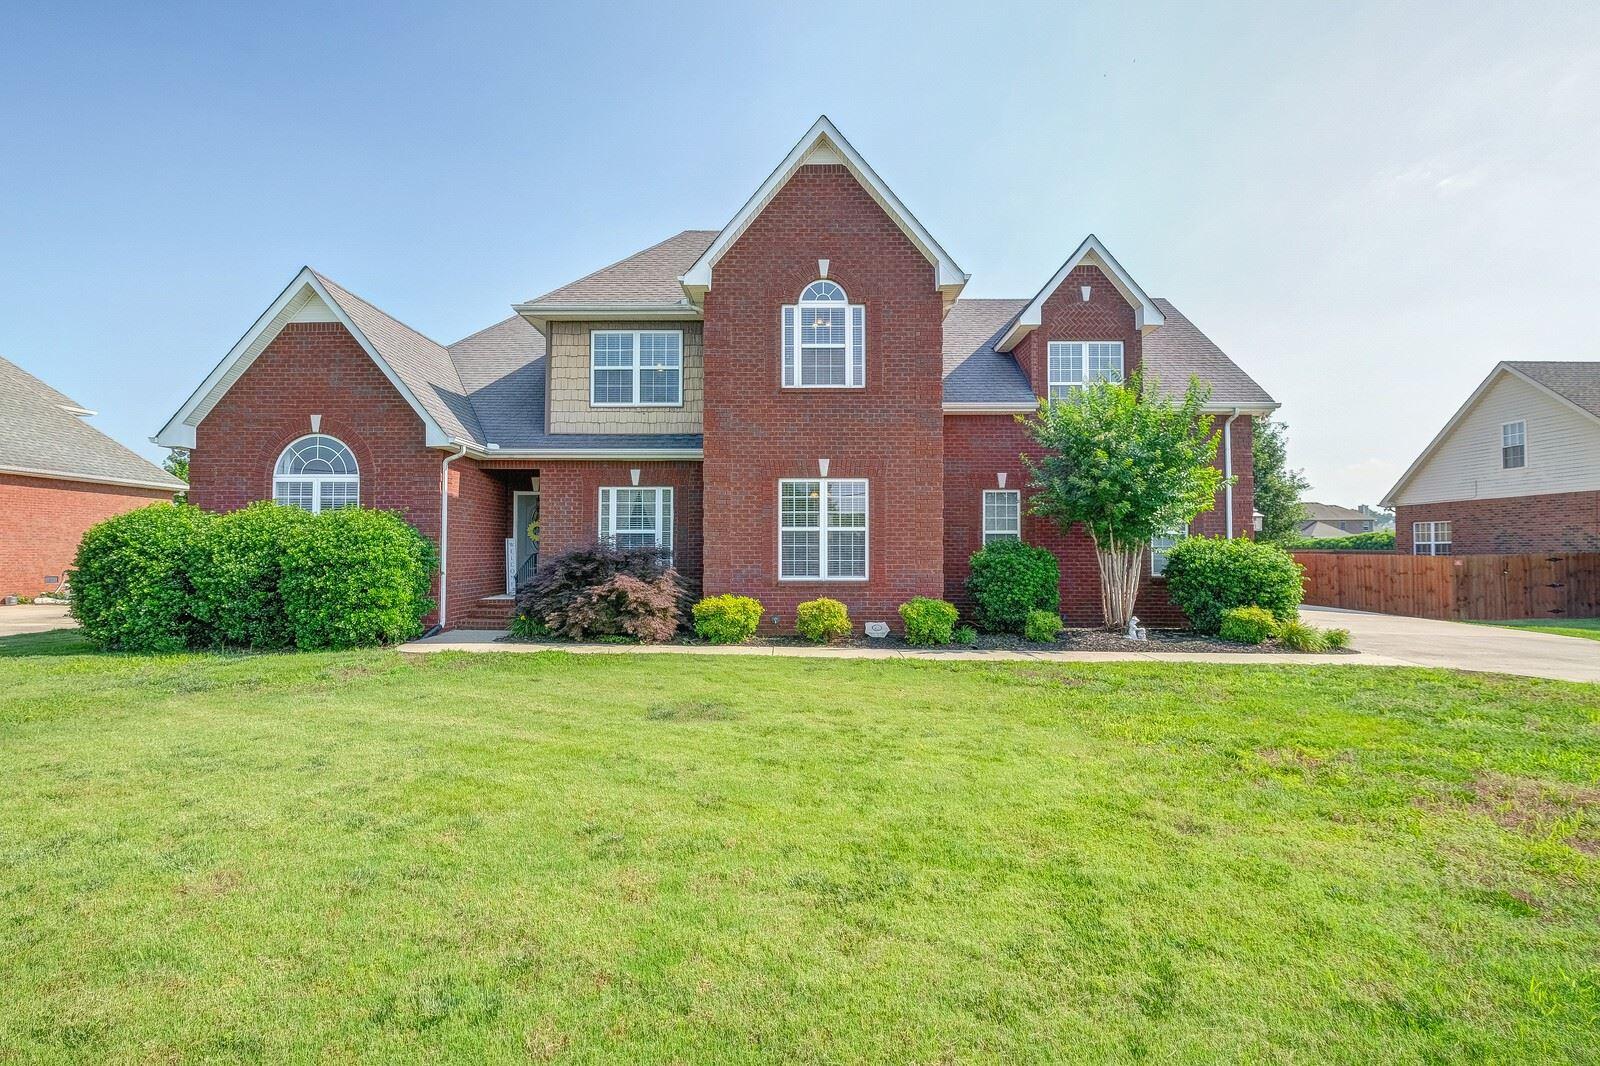 213 Zoe Ct, Murfreesboro, TN 37129 - MLS#: 2263526